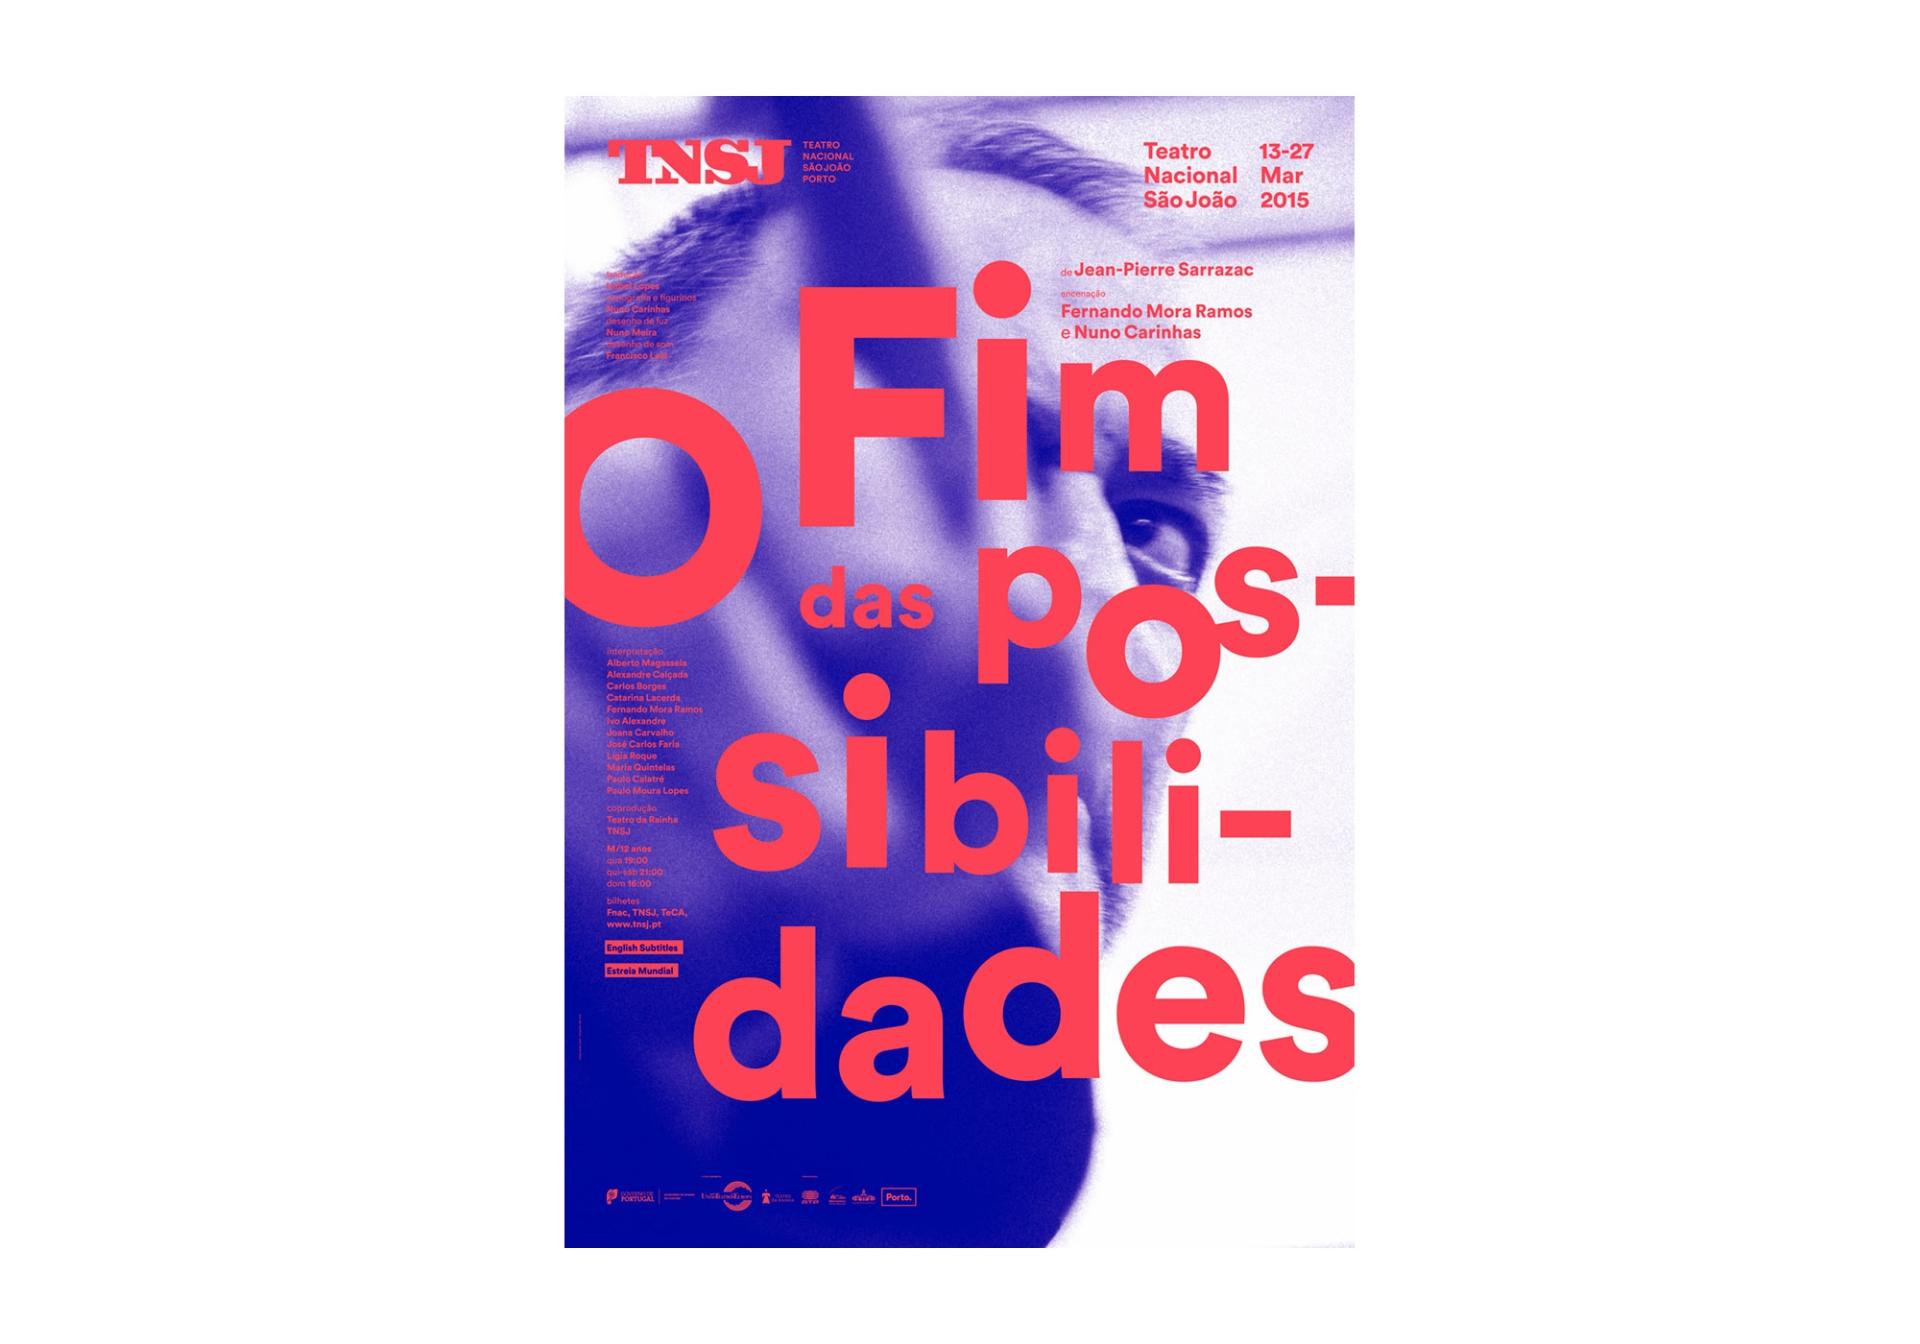 São João National Theatre Posters 2015-2016 Image:9 tnsj-fdp